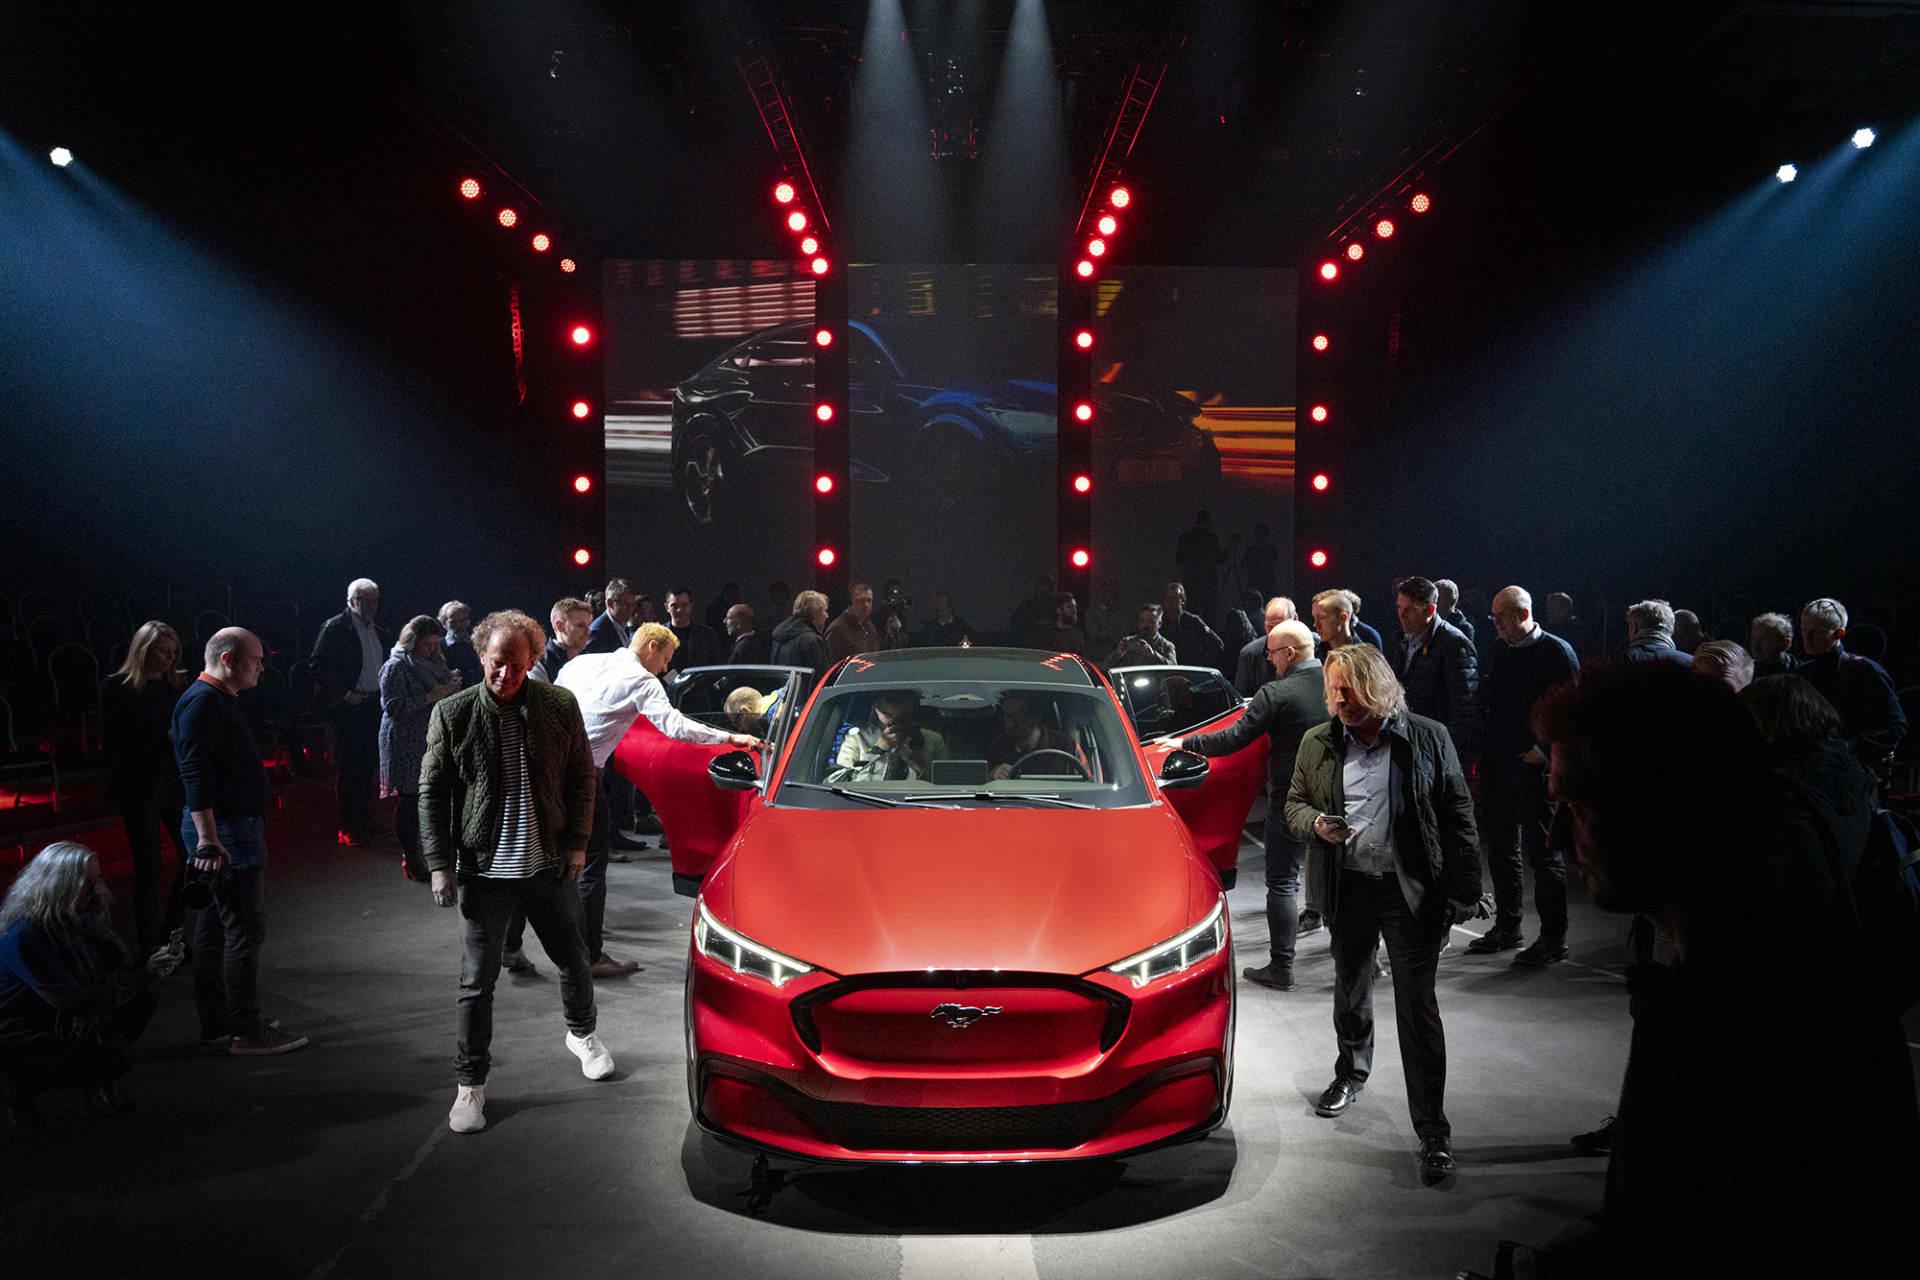 Det var många intresserade journalister på plats i Oslo för avtäckningen av nya Mustang Mach-e.